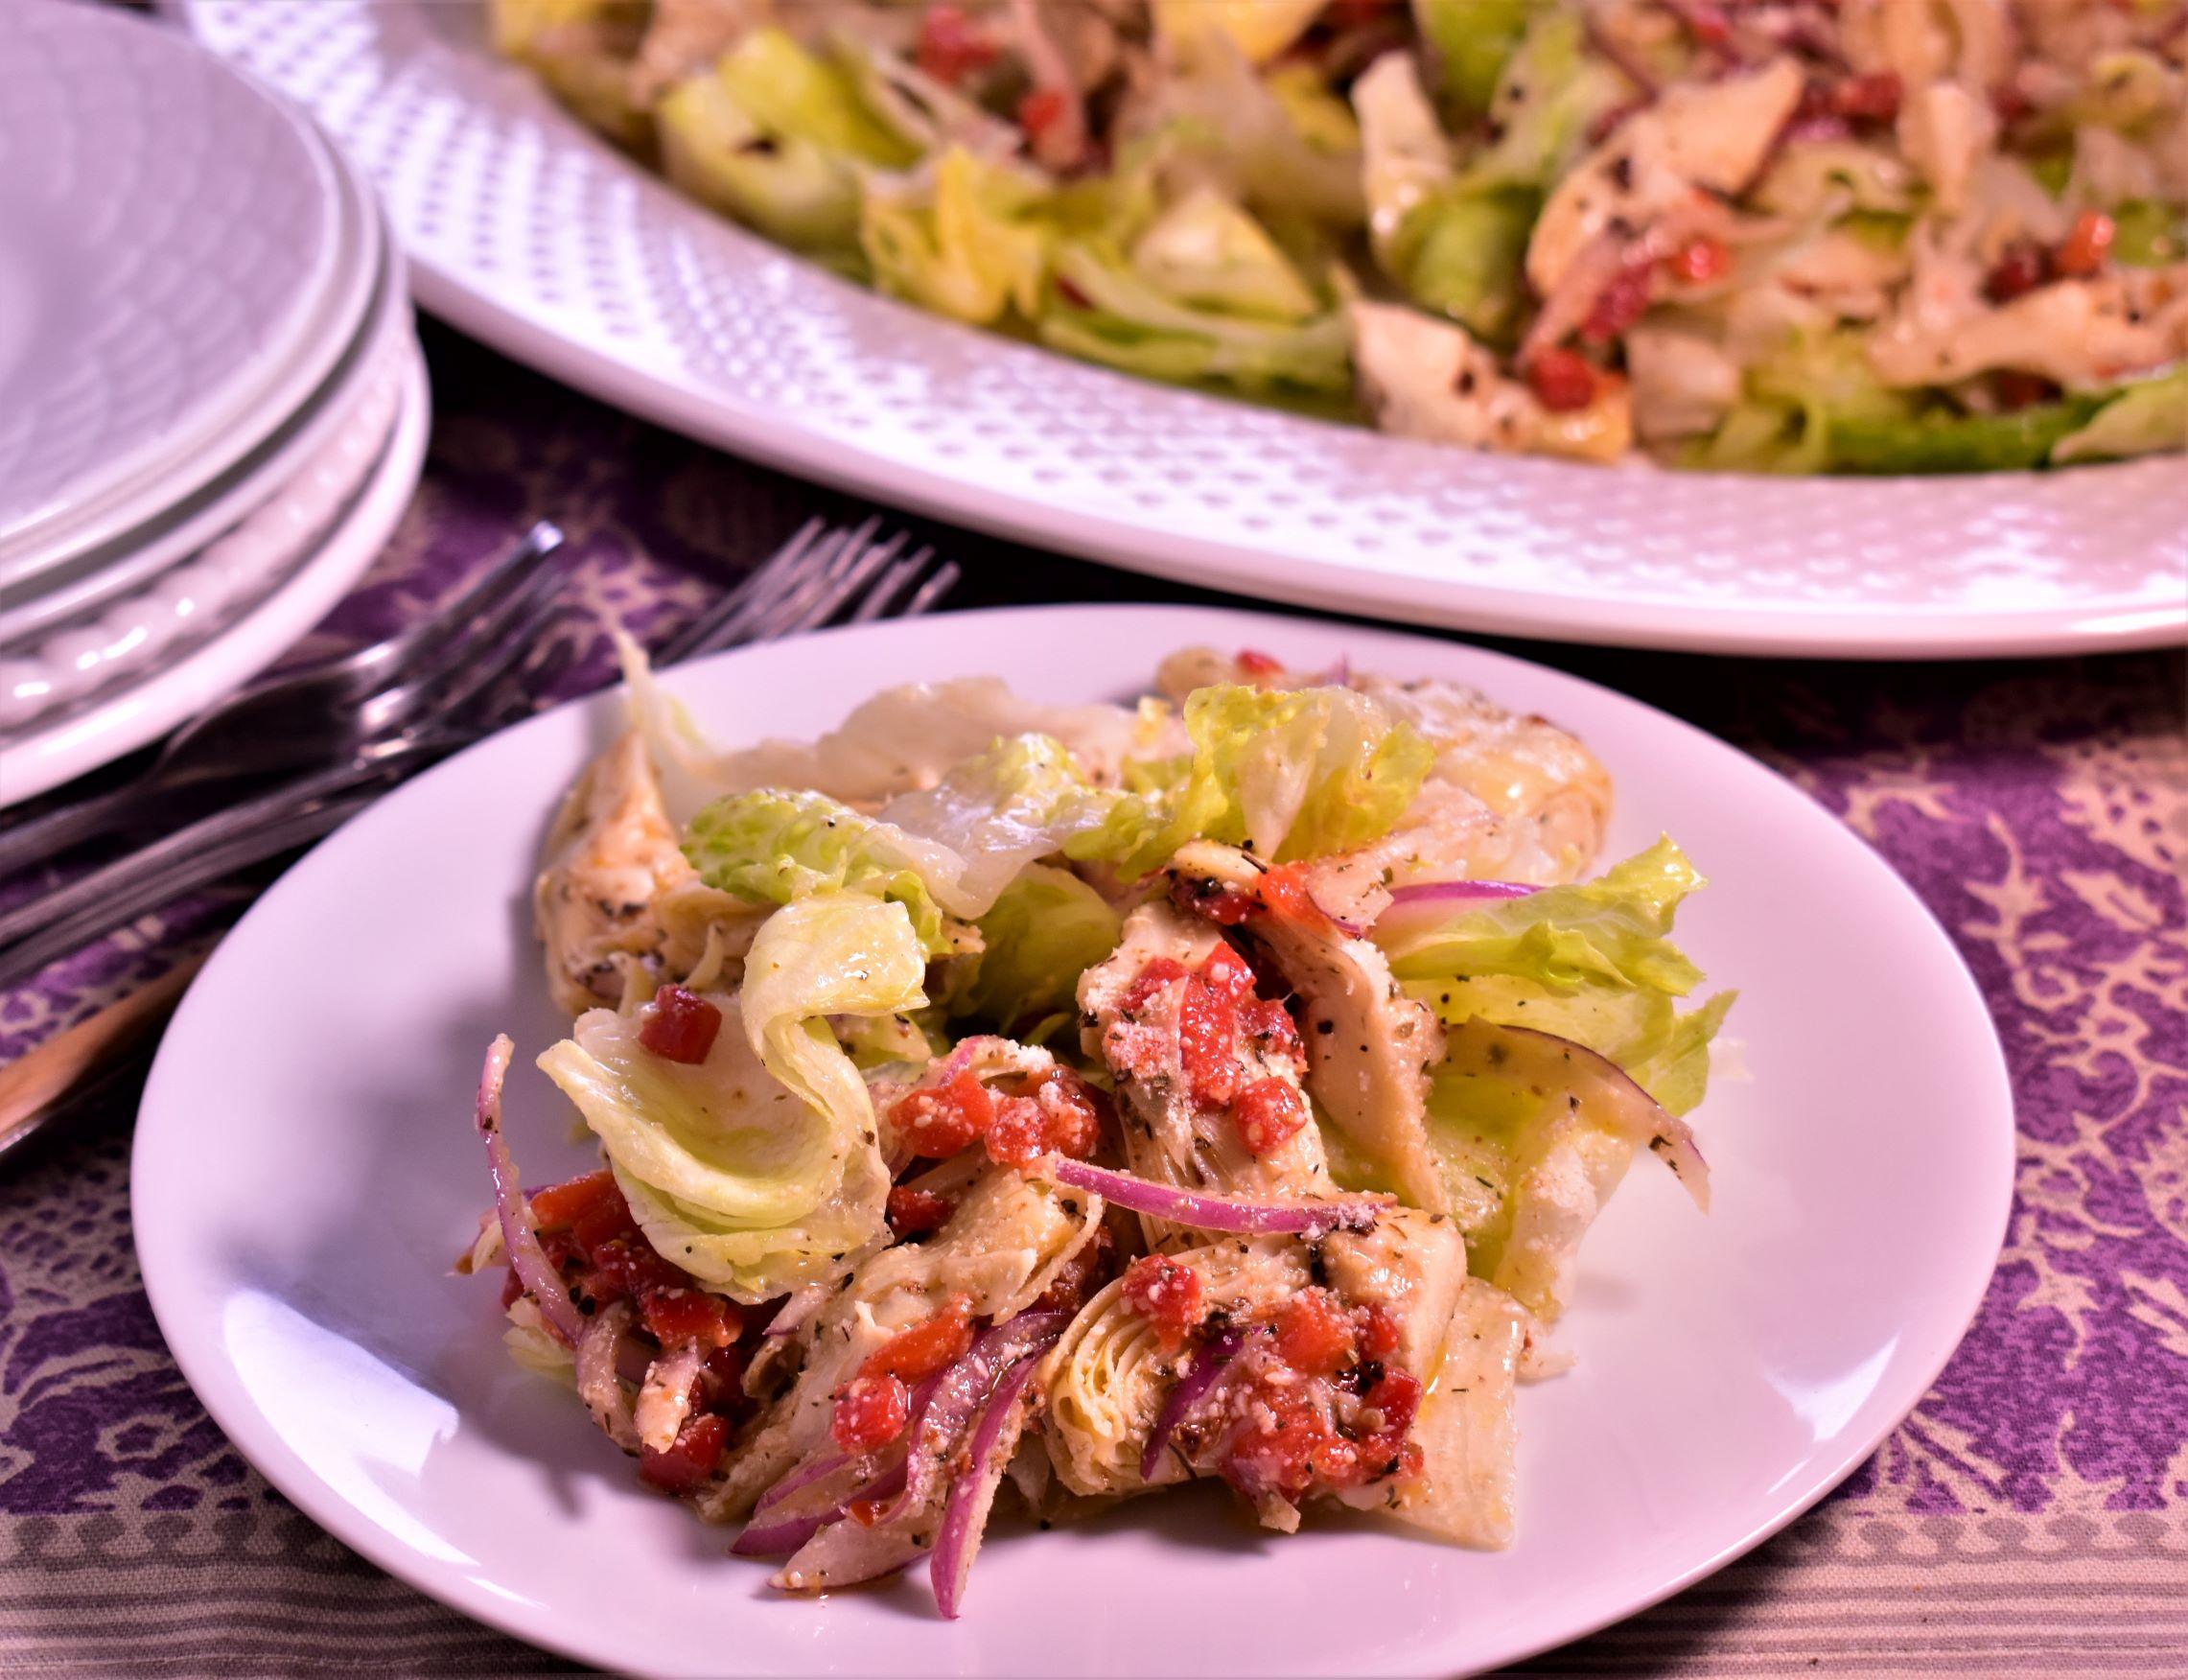 St. Louis-Style Italian Salad